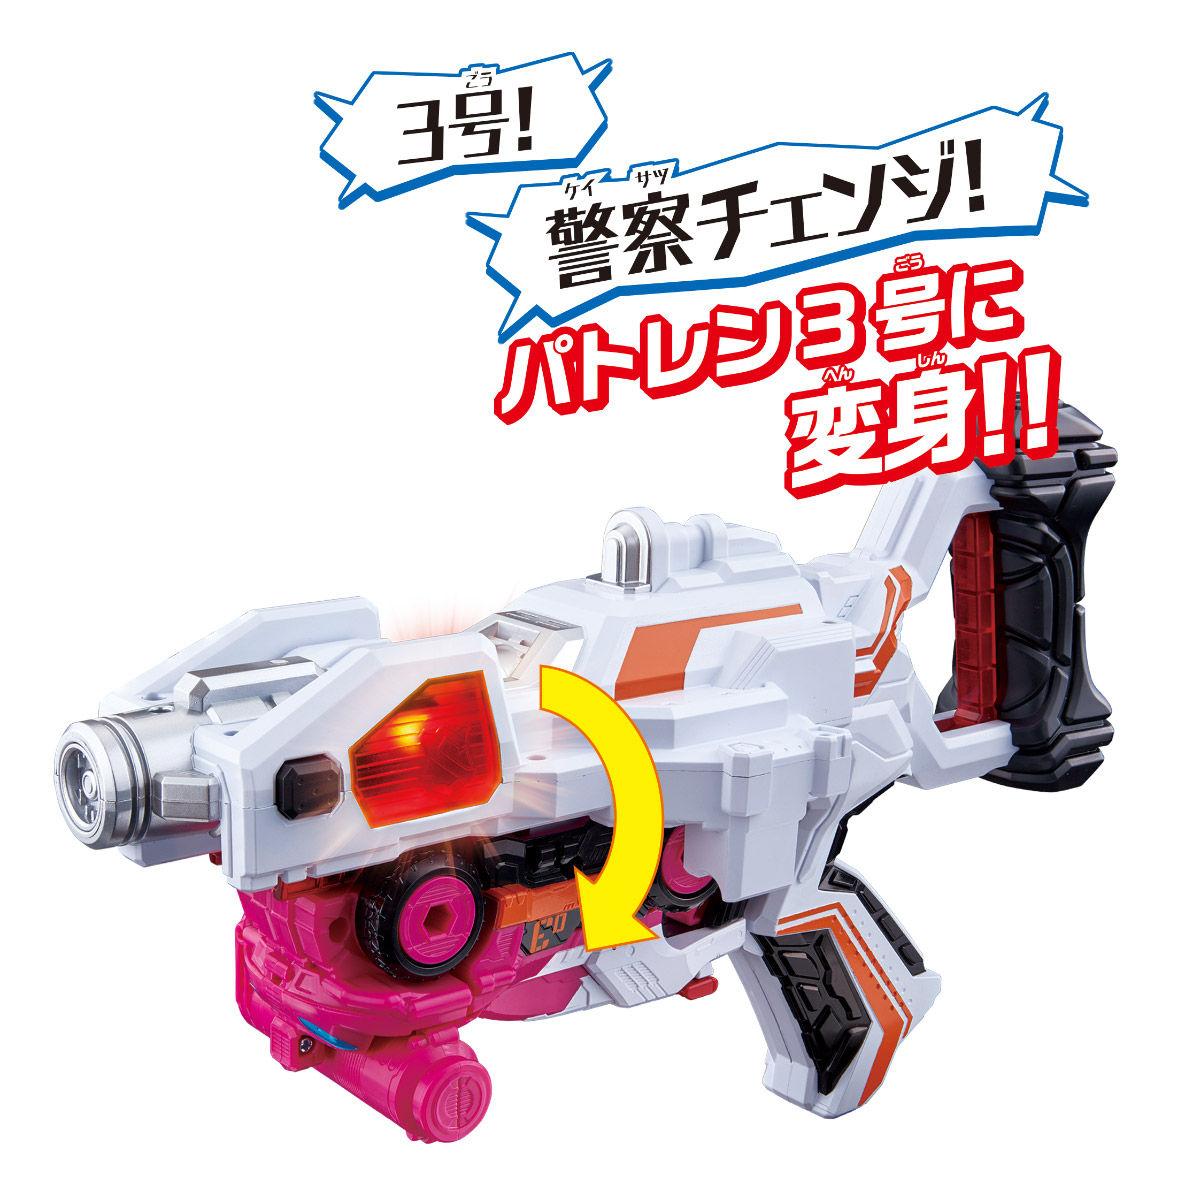 VSビークルシリーズ DXトリガーマシン3号